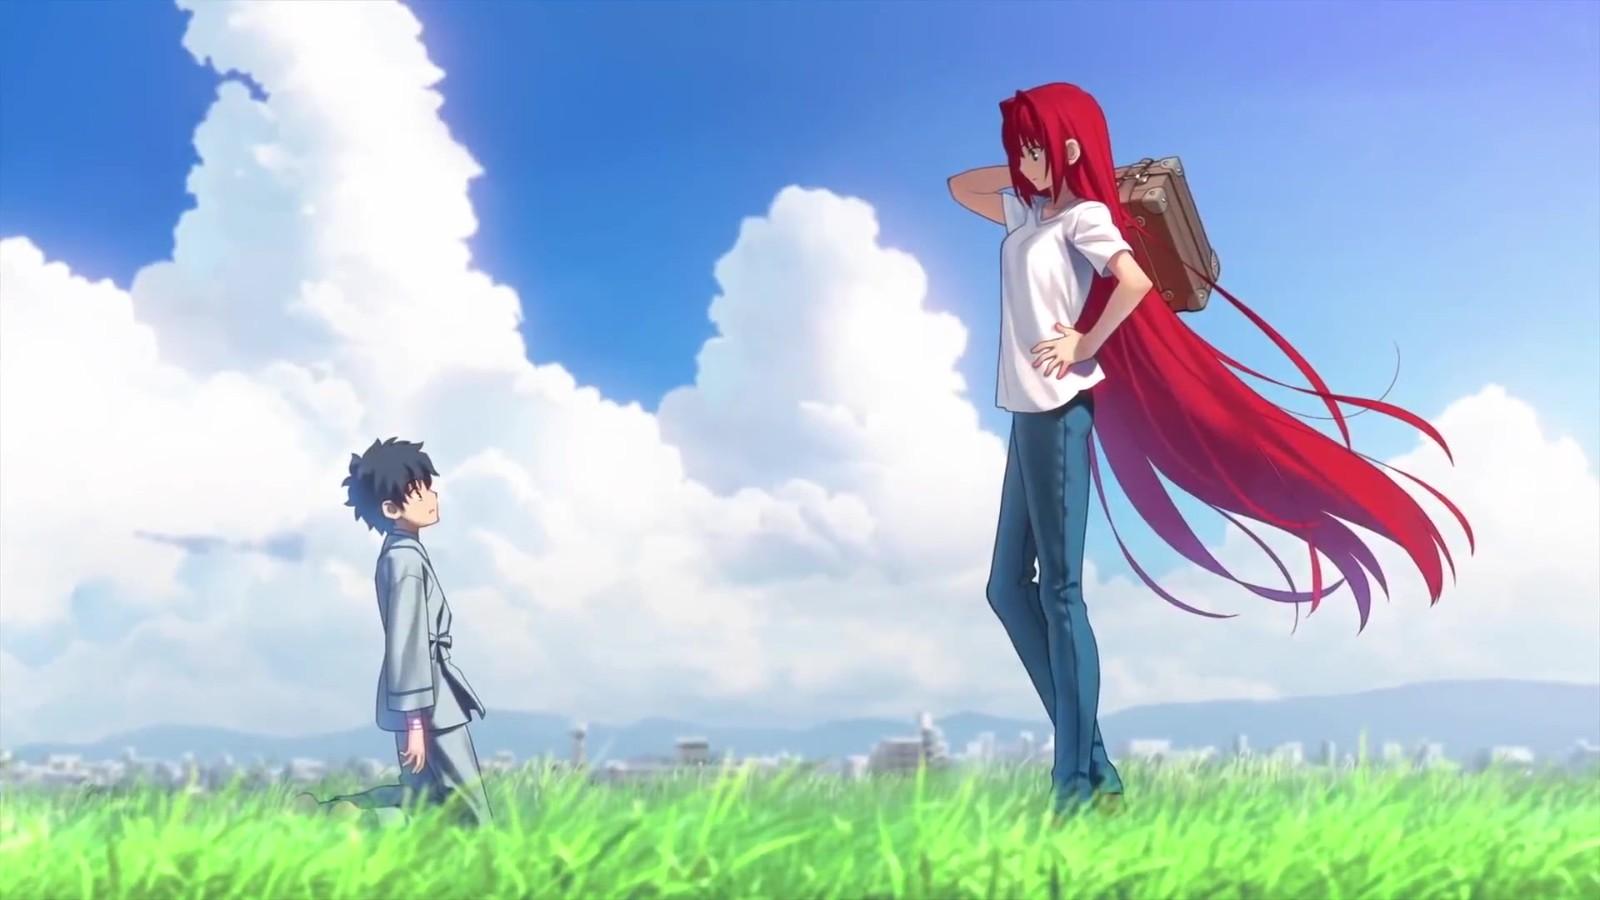 《月姬》重制版第二弹PV公布 8月26日发售